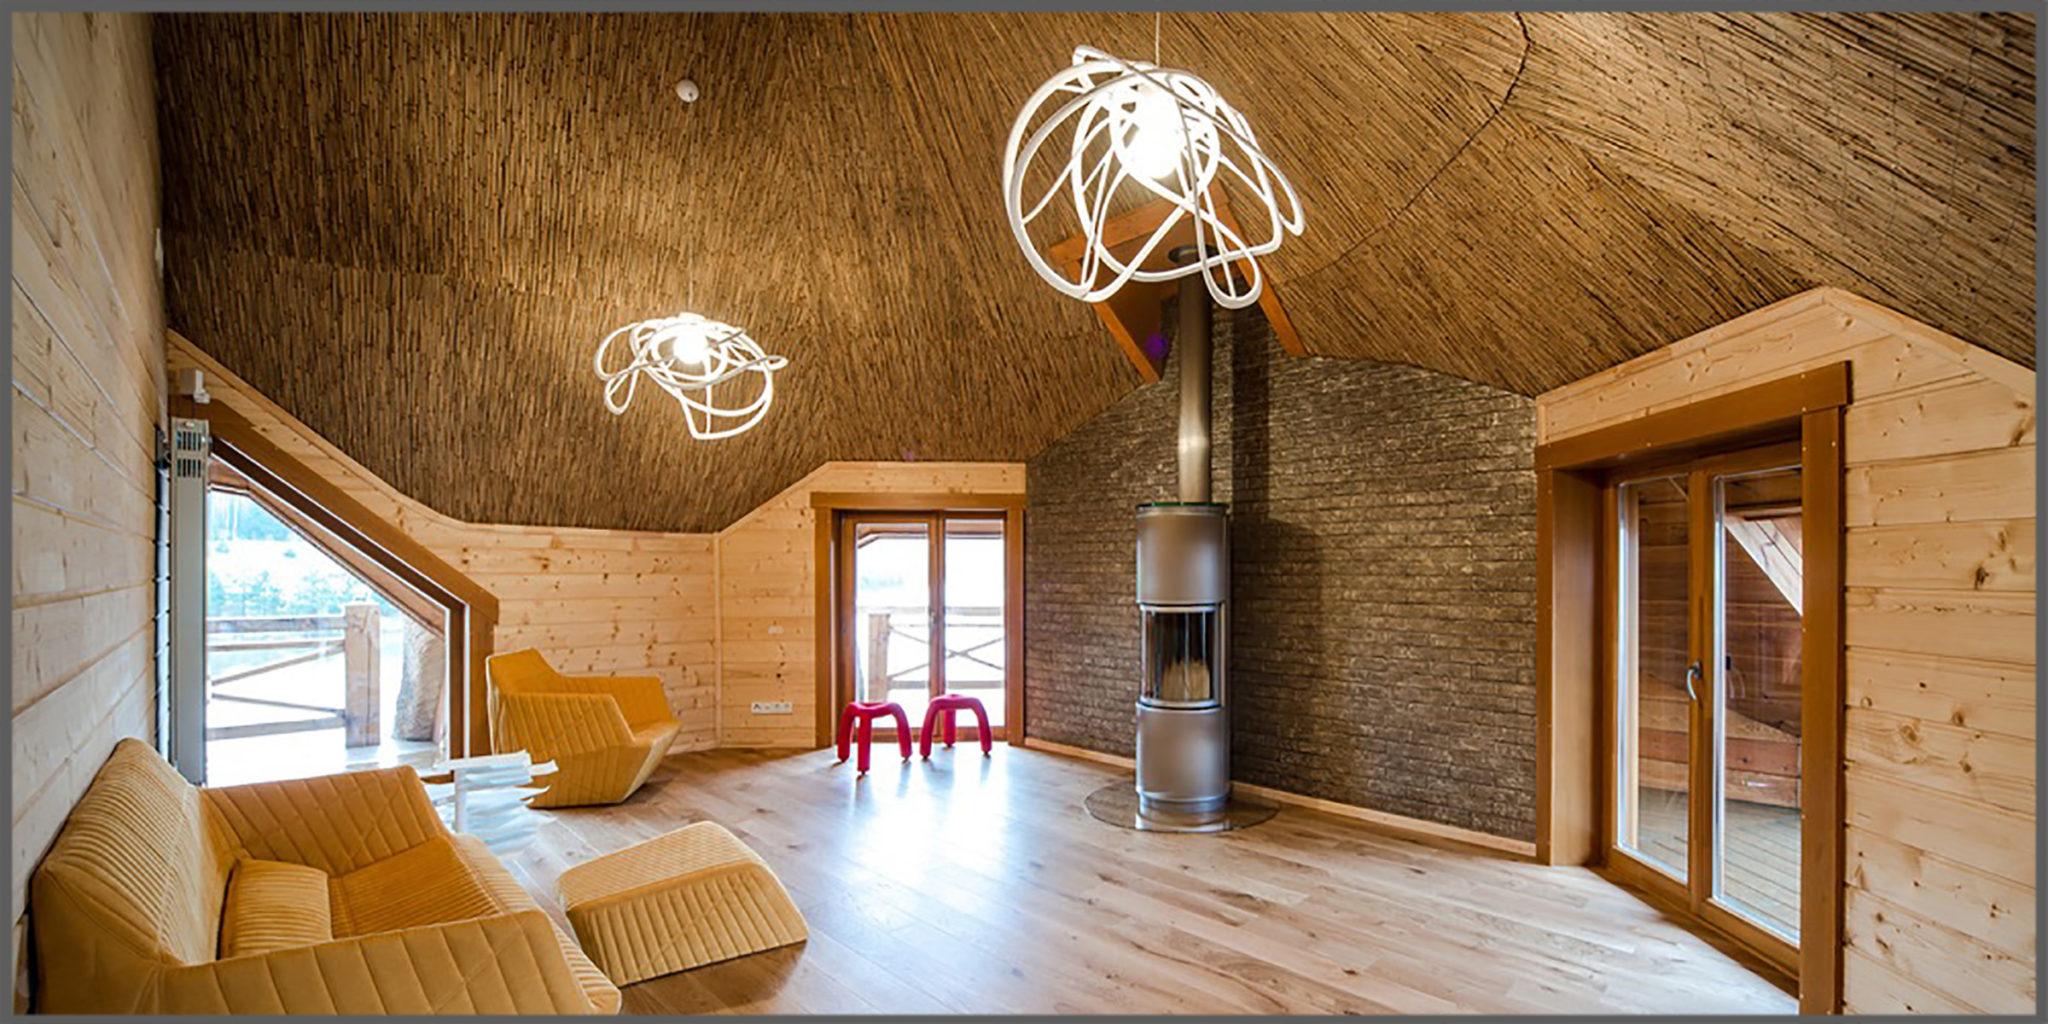 Costruire una casa in paglia sfatiamo il mito dei 3 - Costruire una casa in paglia ...